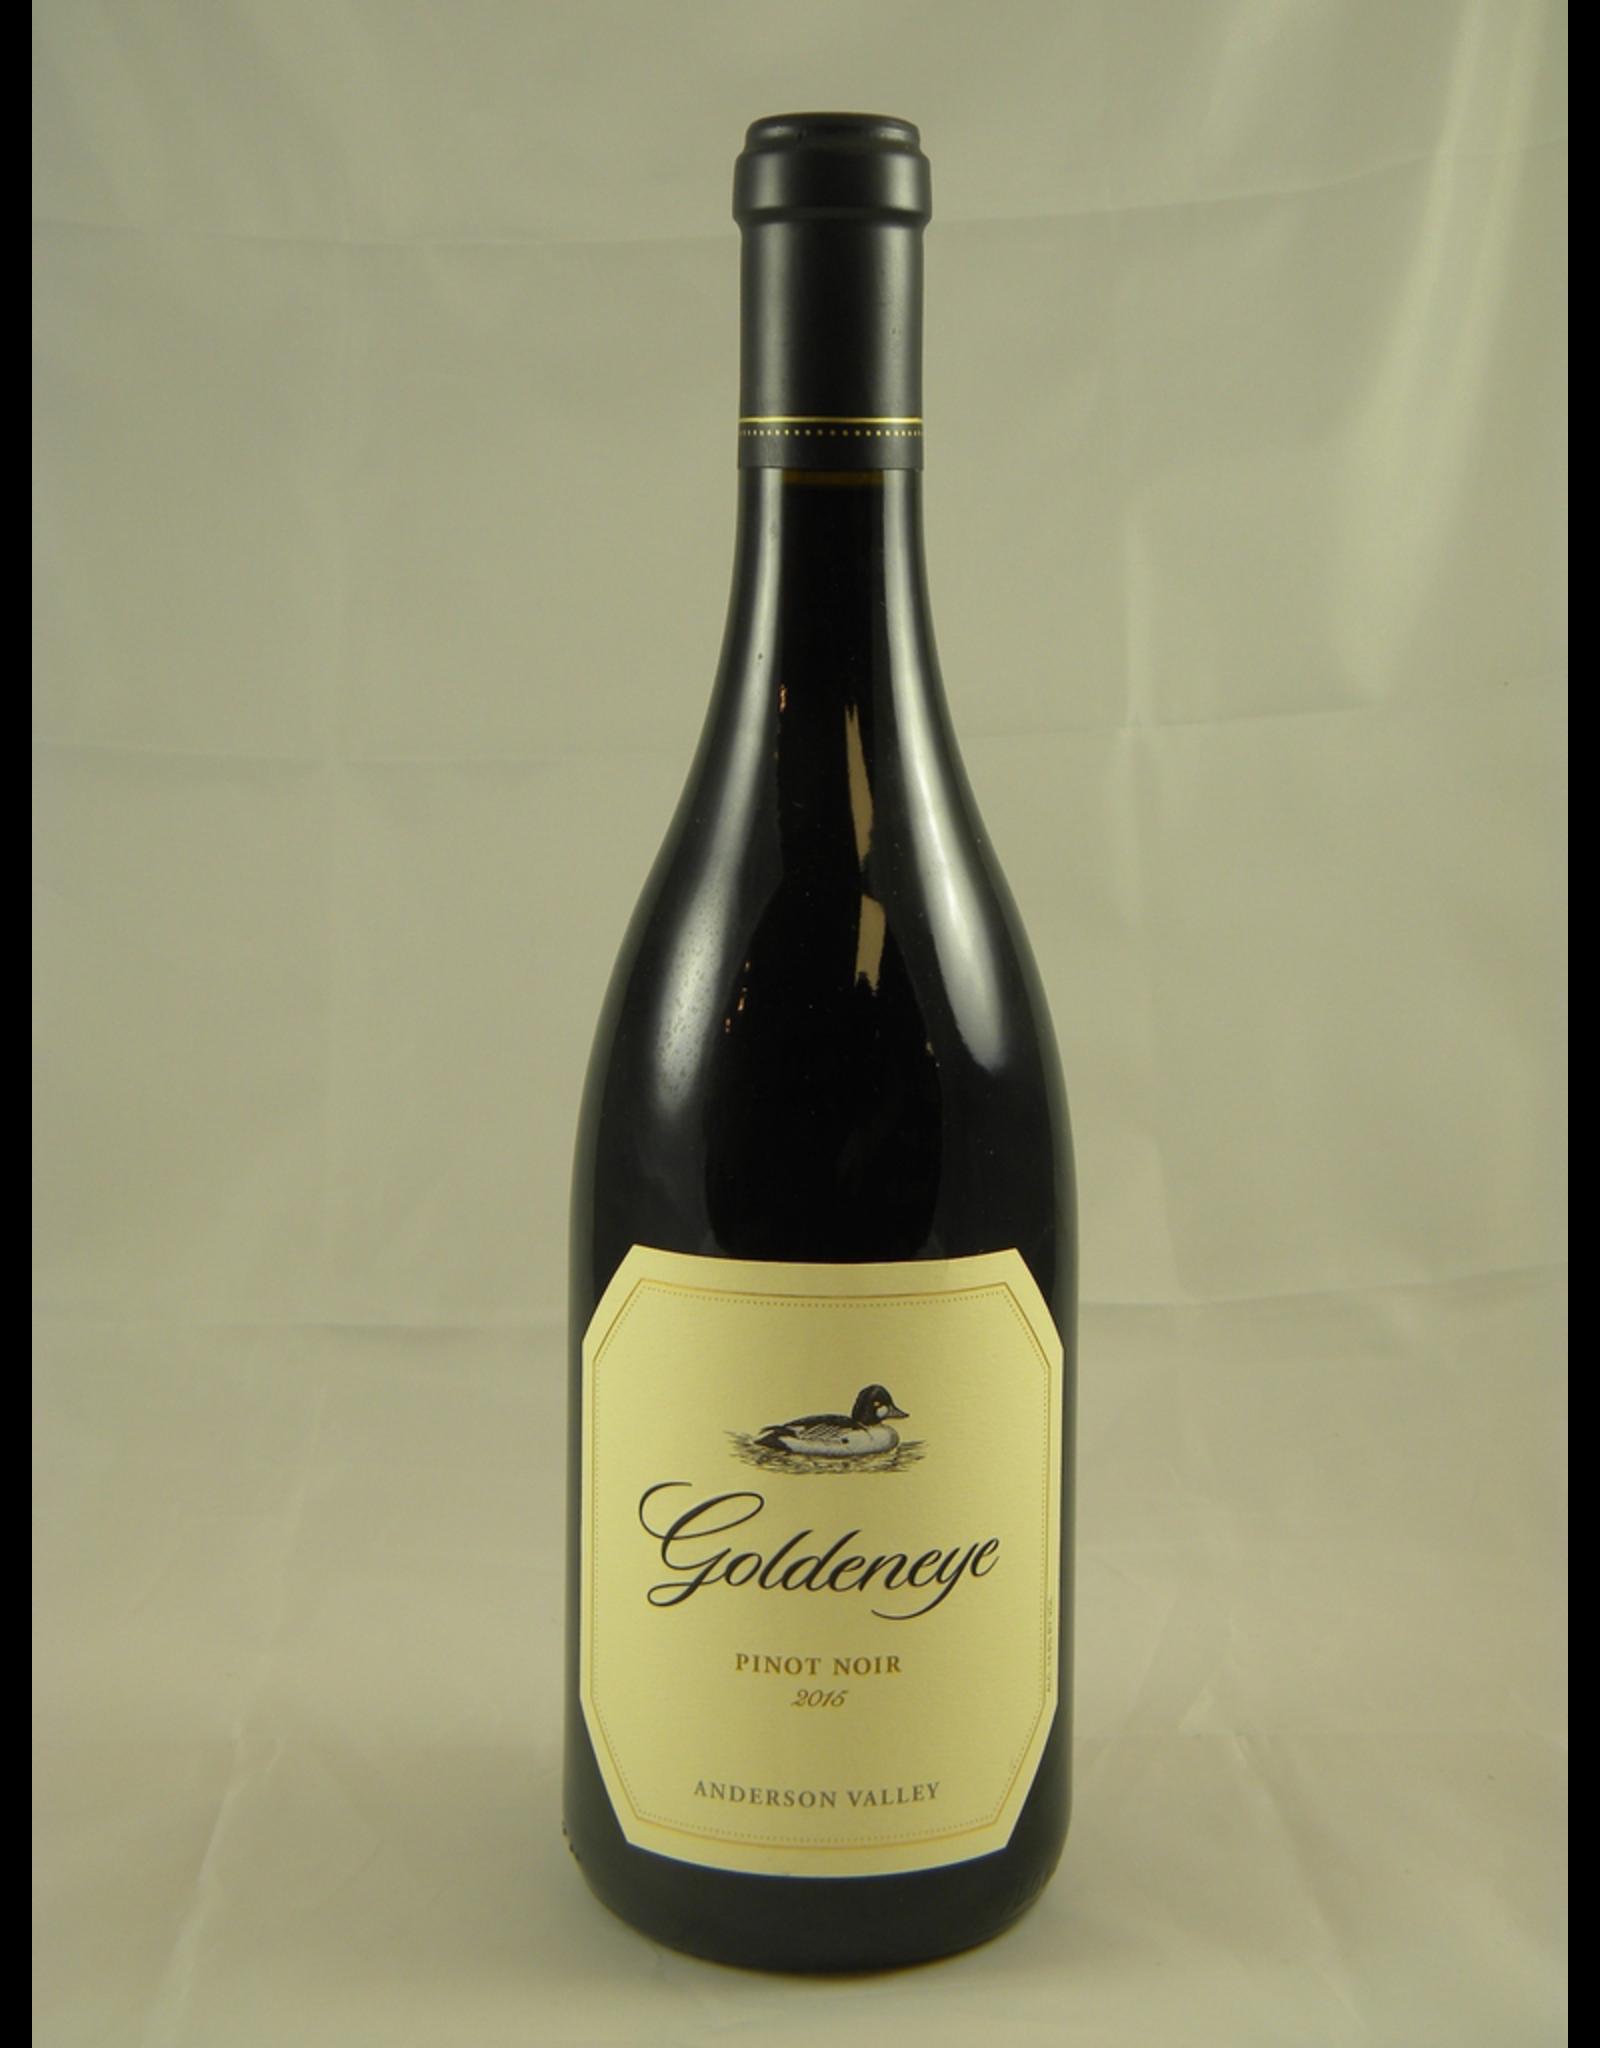 Duckhorn Goldeneye Pinot Noir Anderson Valley 2016